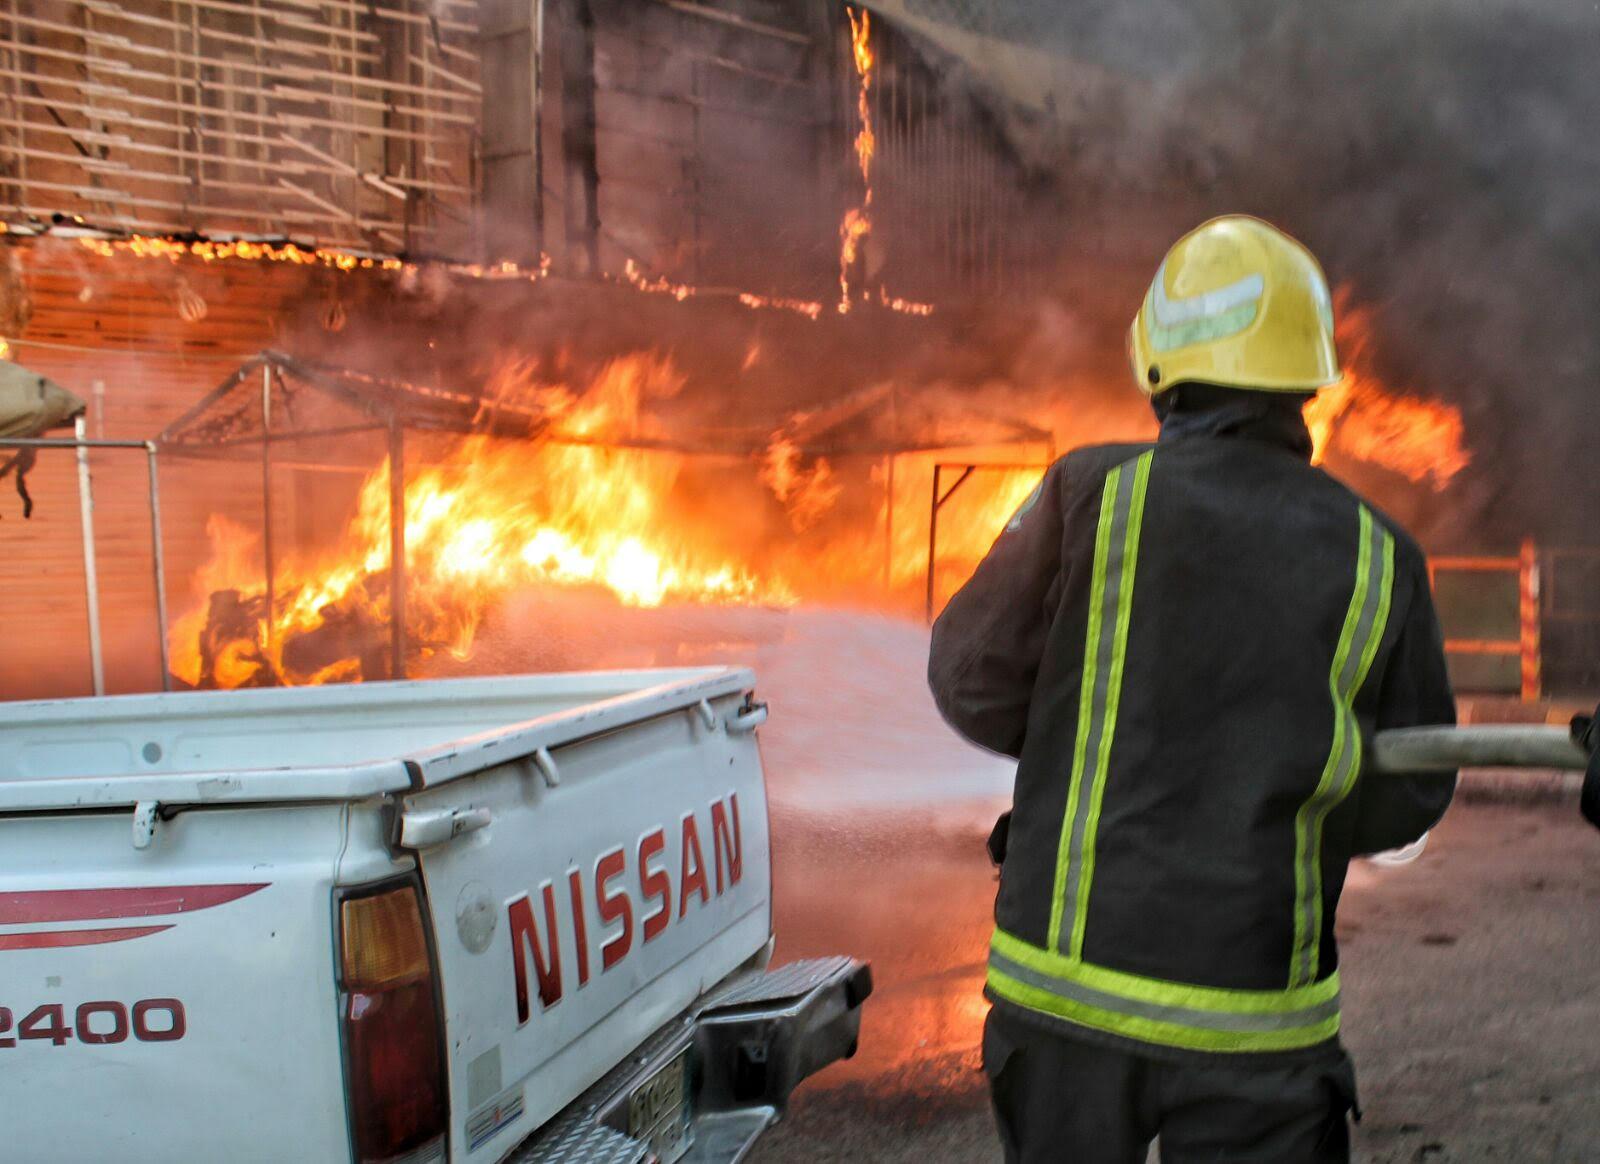 مدني حائل يباشر حريق بمباسط نسائية بسوق برزان (2)